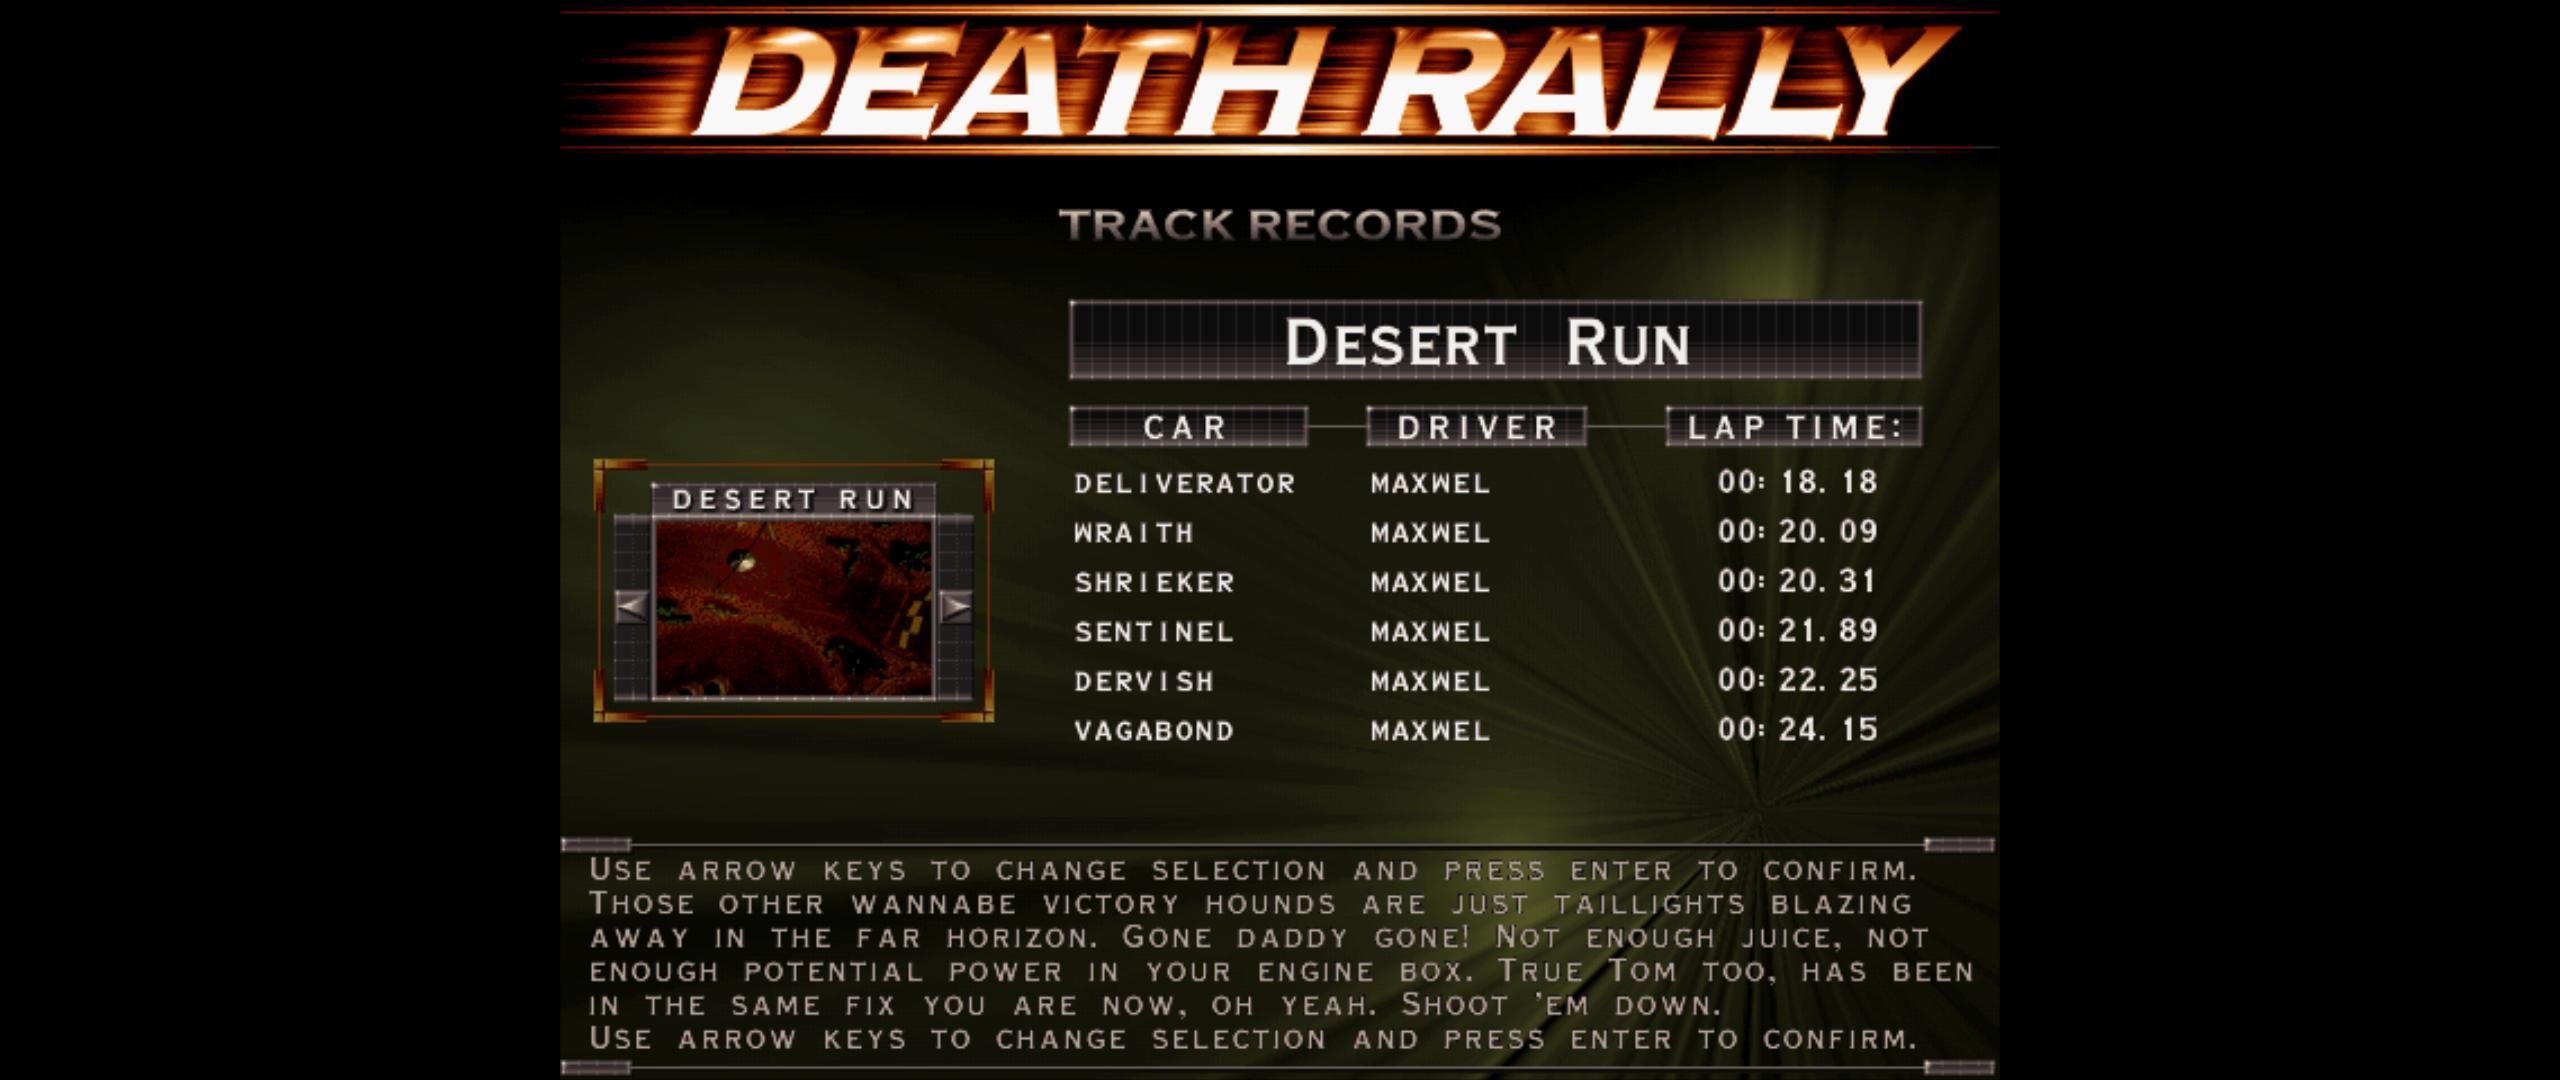 Maxwel: Death Rally [Desert Run, Wraith Car] (PC) 0:00:20.09 points on 2016-03-04 06:59:06